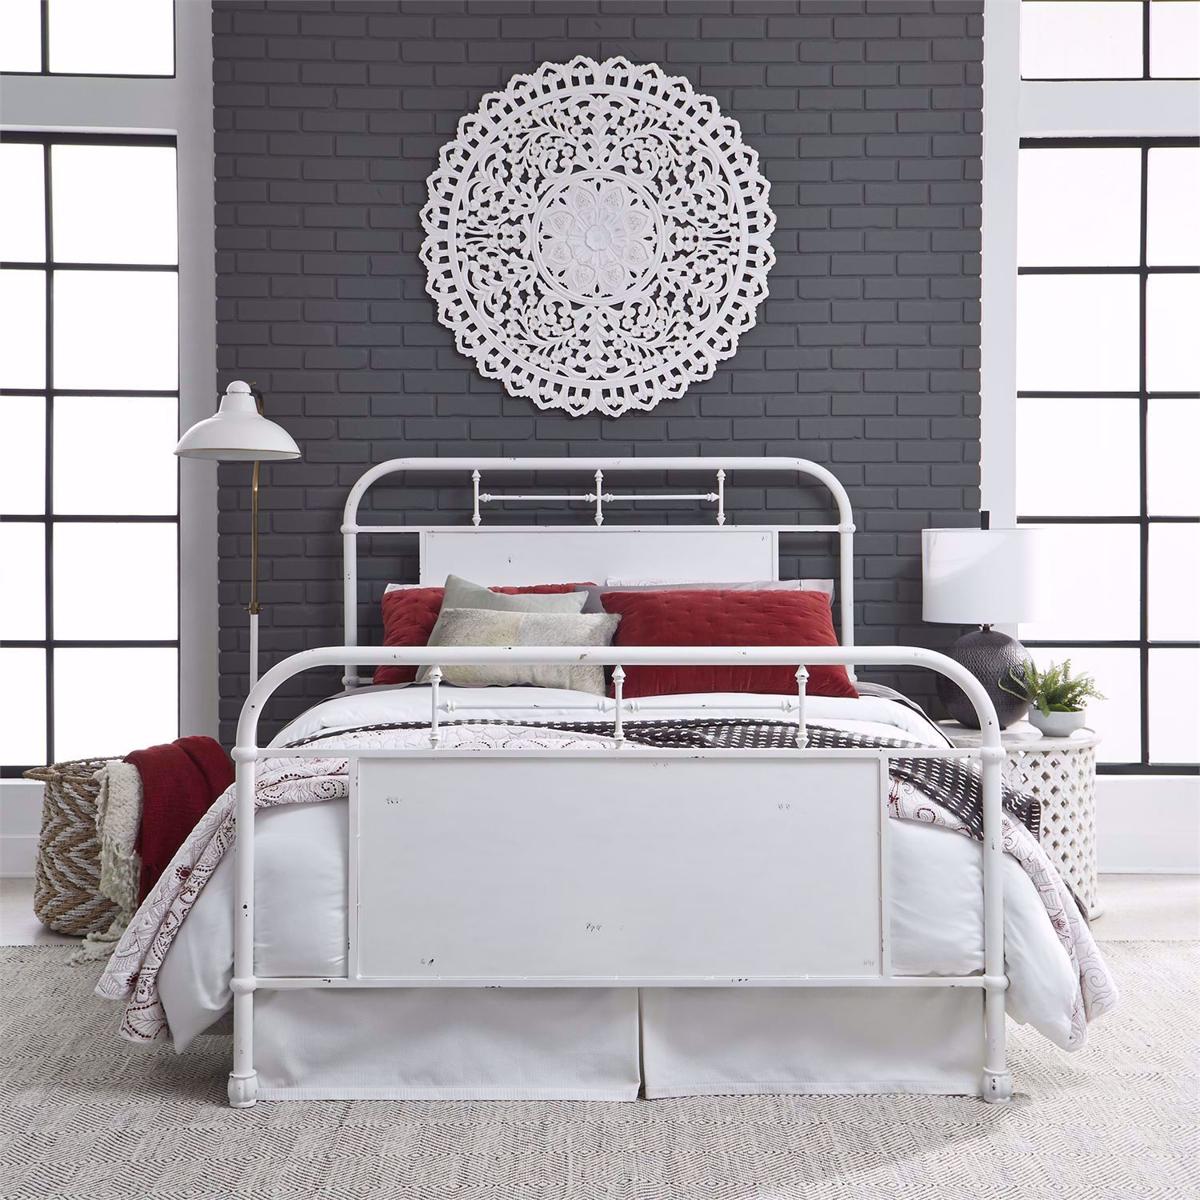 Picture of Fairhope Vintage Metal Bed